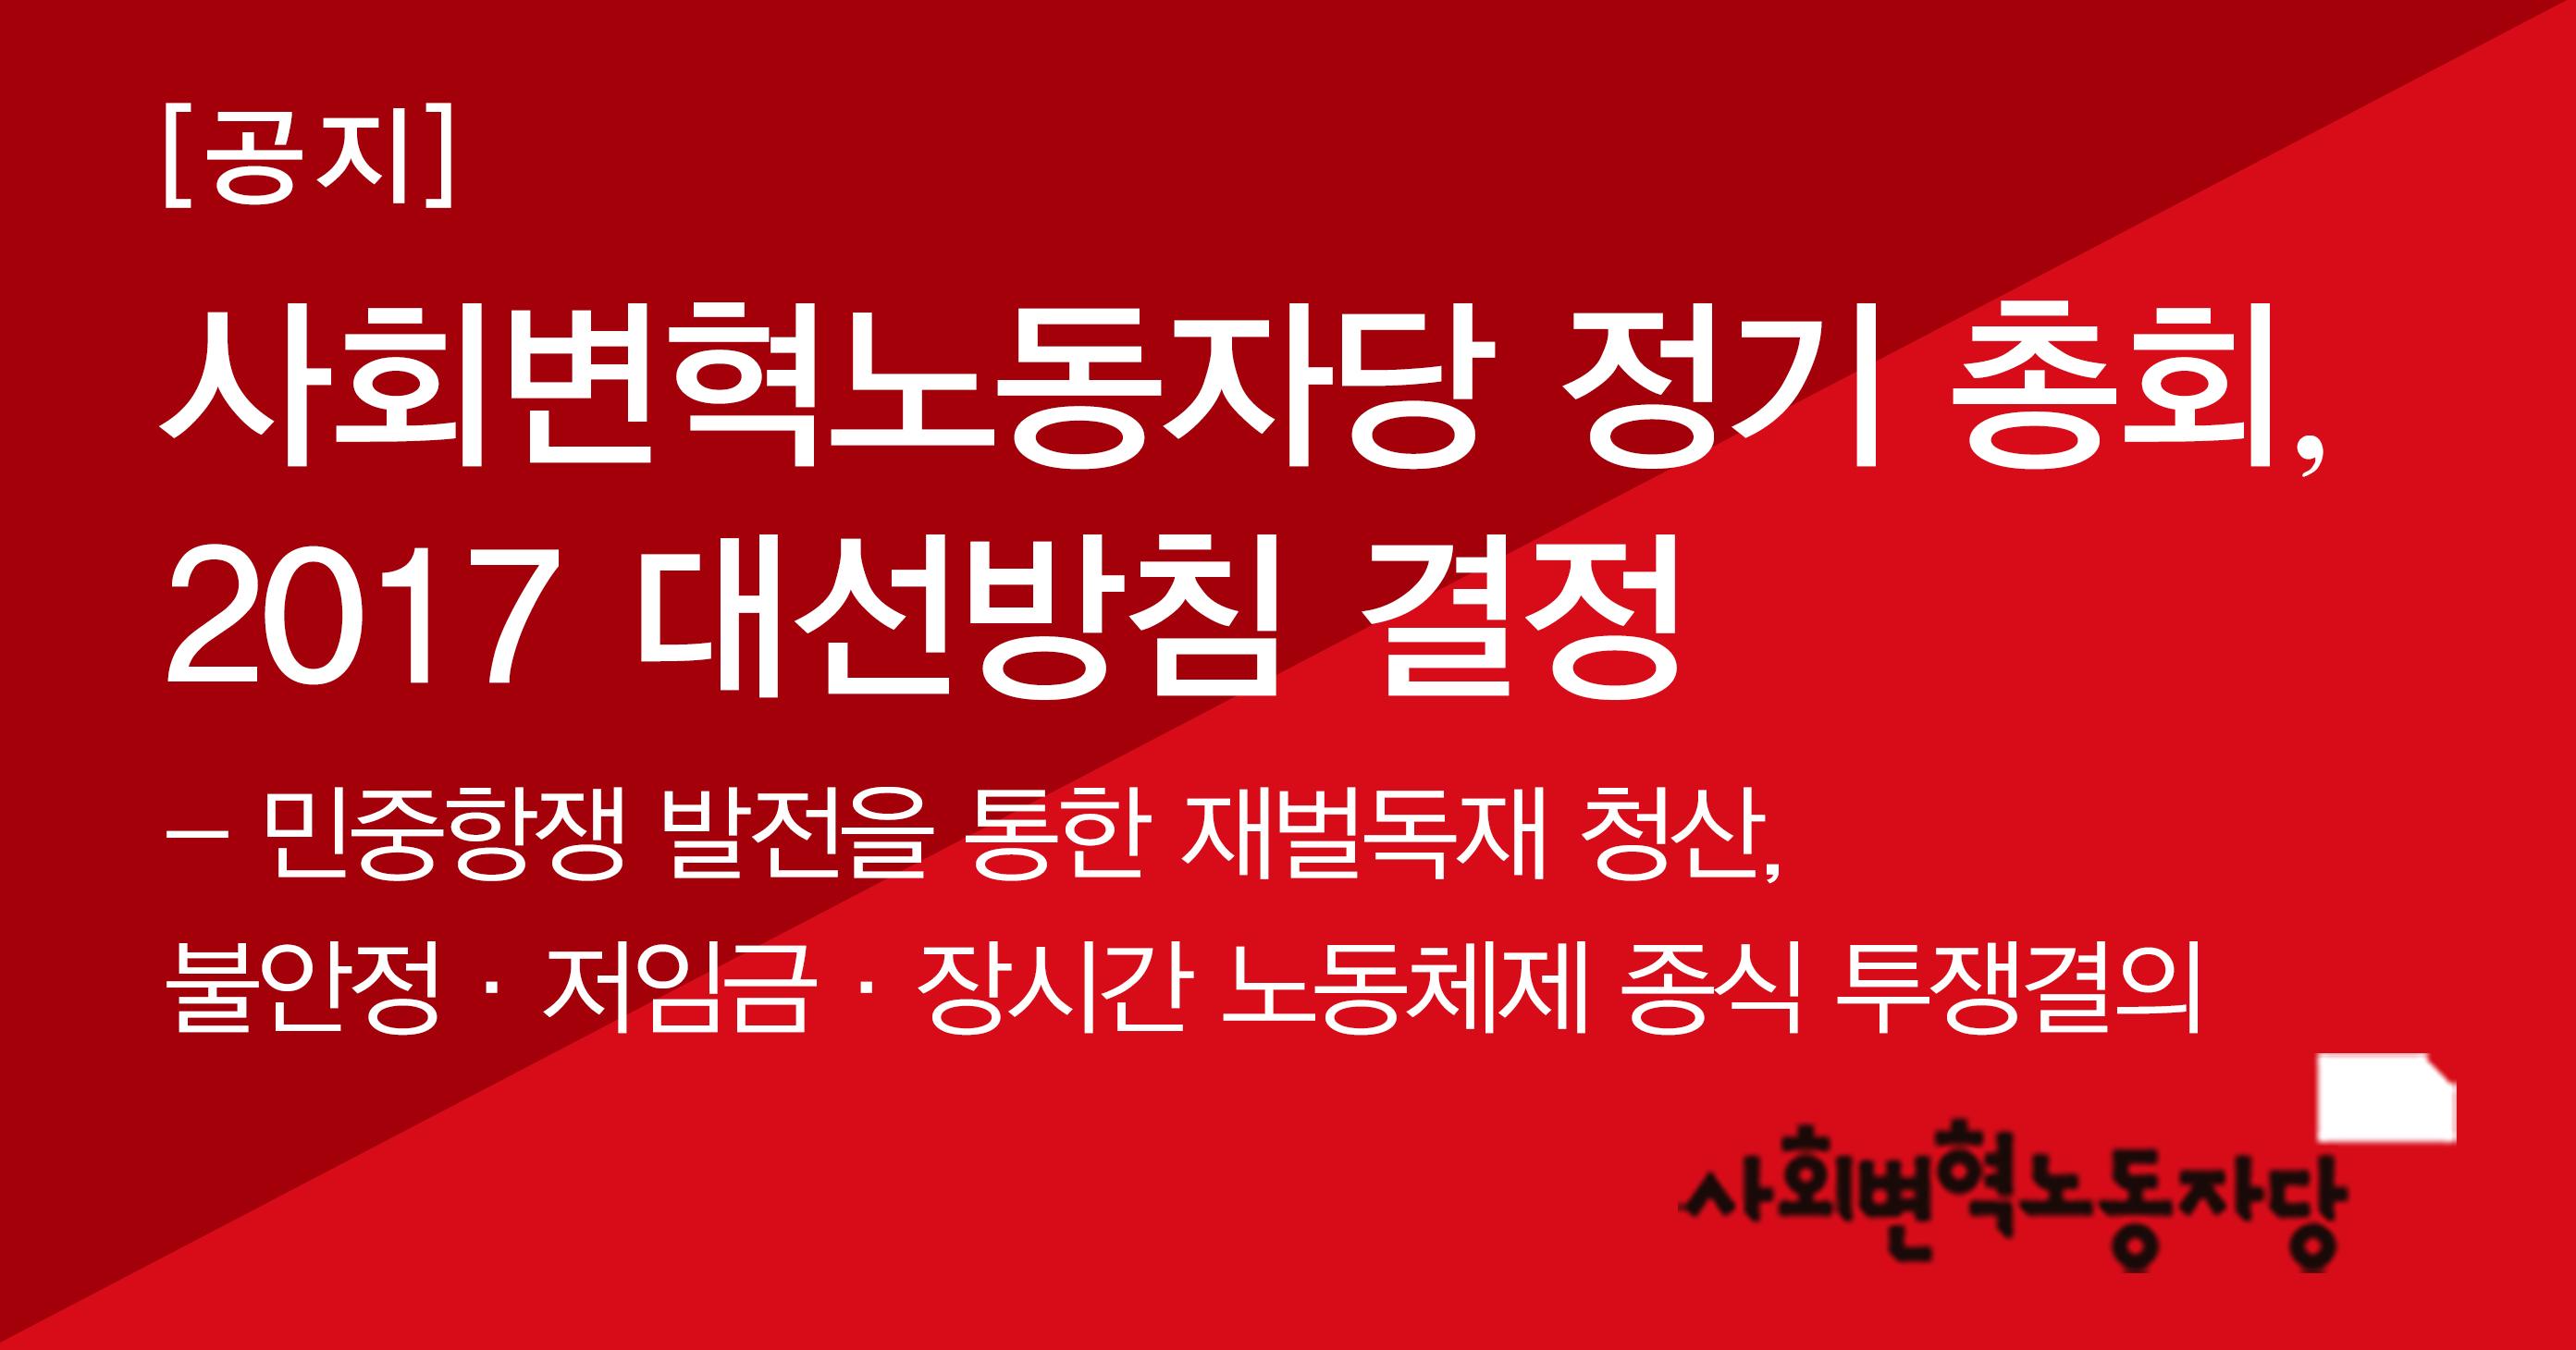 170124 변혁당 공지 헤드(대선방침).jpg